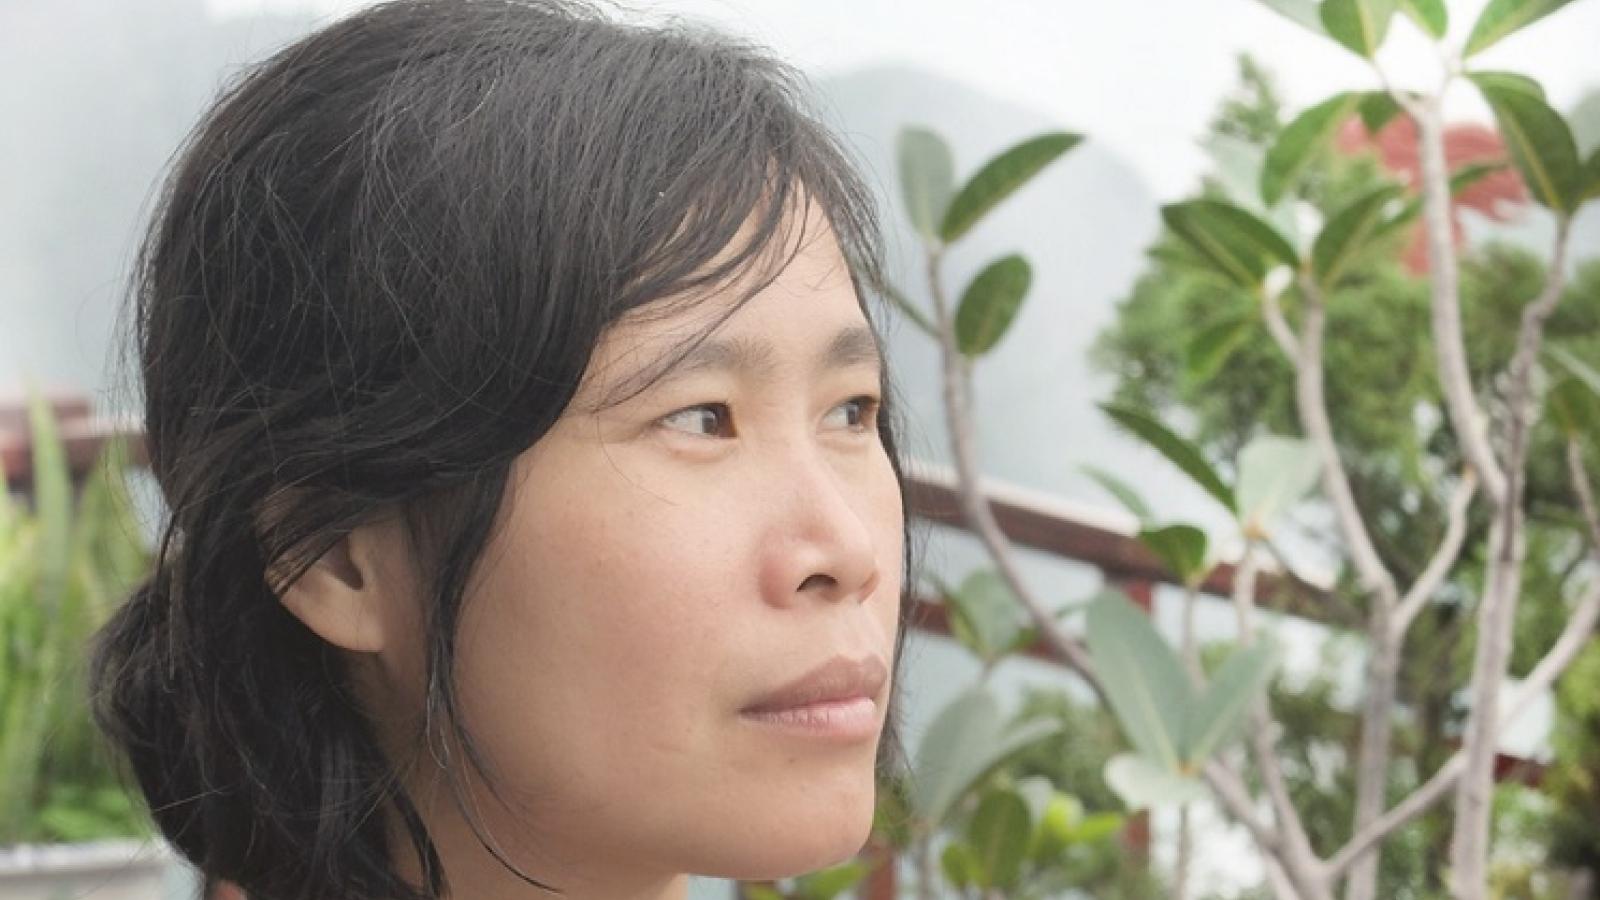 Đạo diễn Trần Phương Thảo: Làm phim để khám phá nội tâm